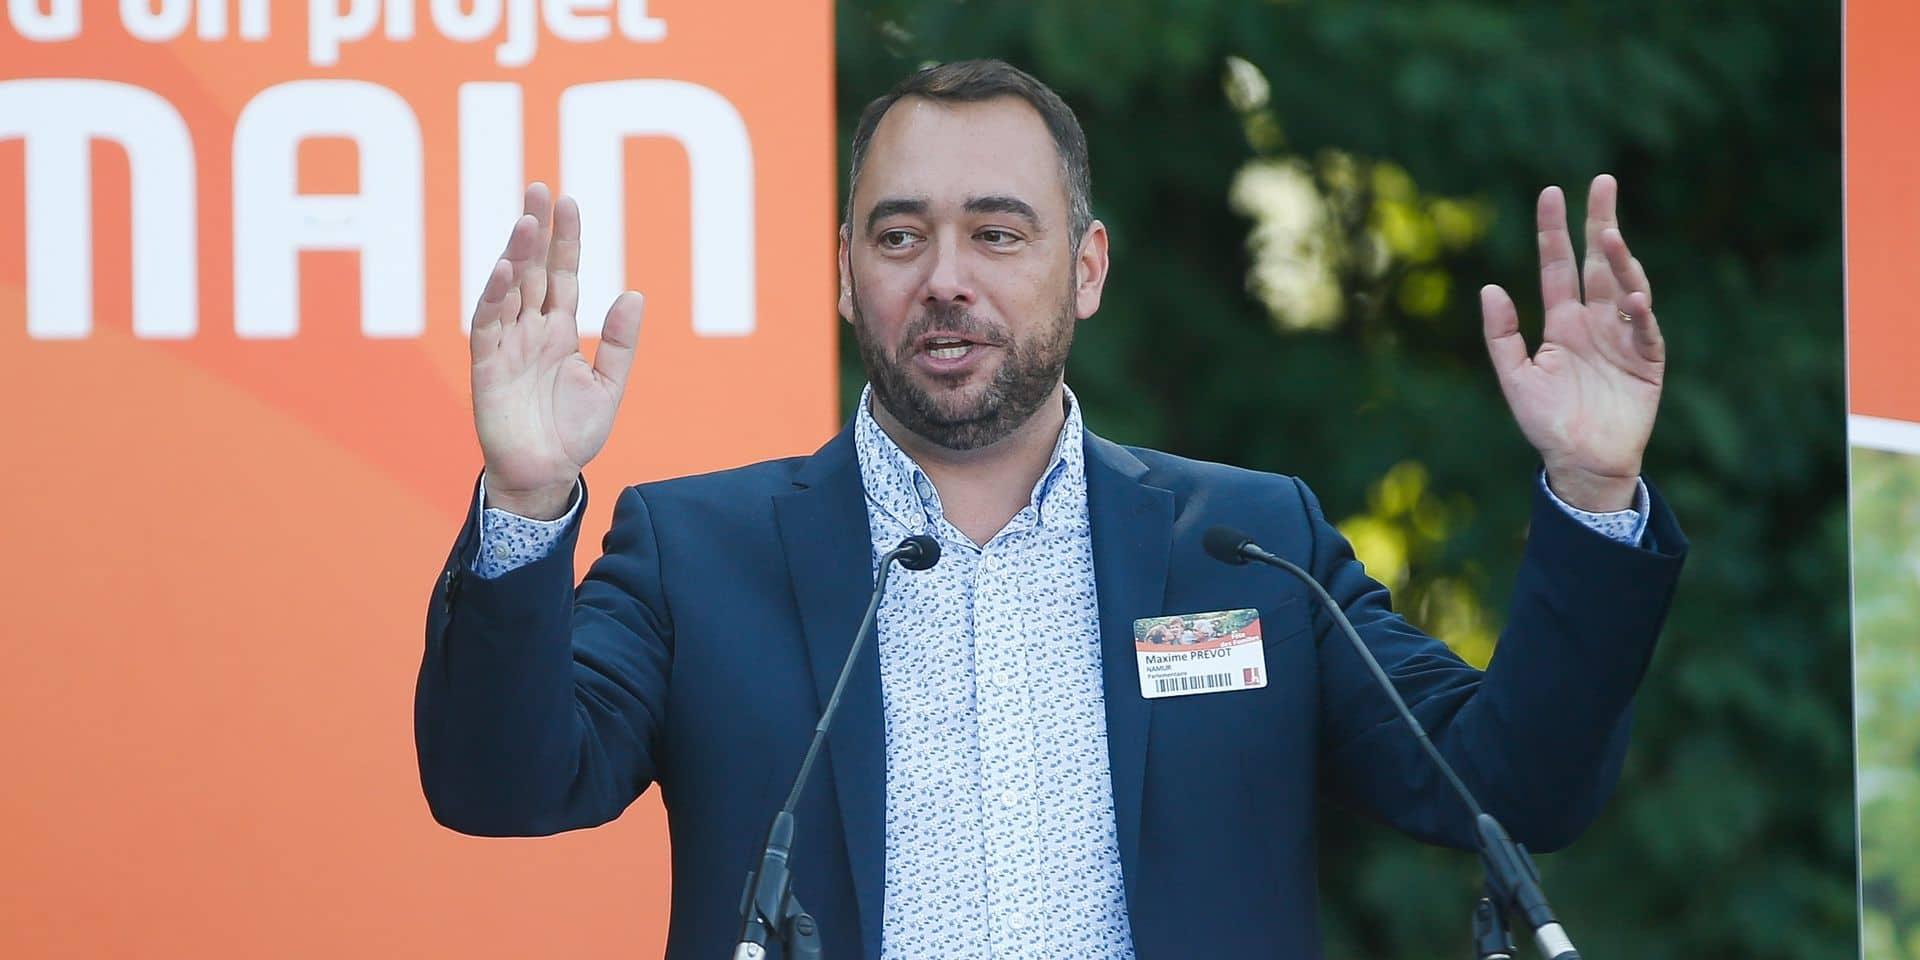 Maxime Prévot visé par un tag insultant et faisant l'apologie du nazisme